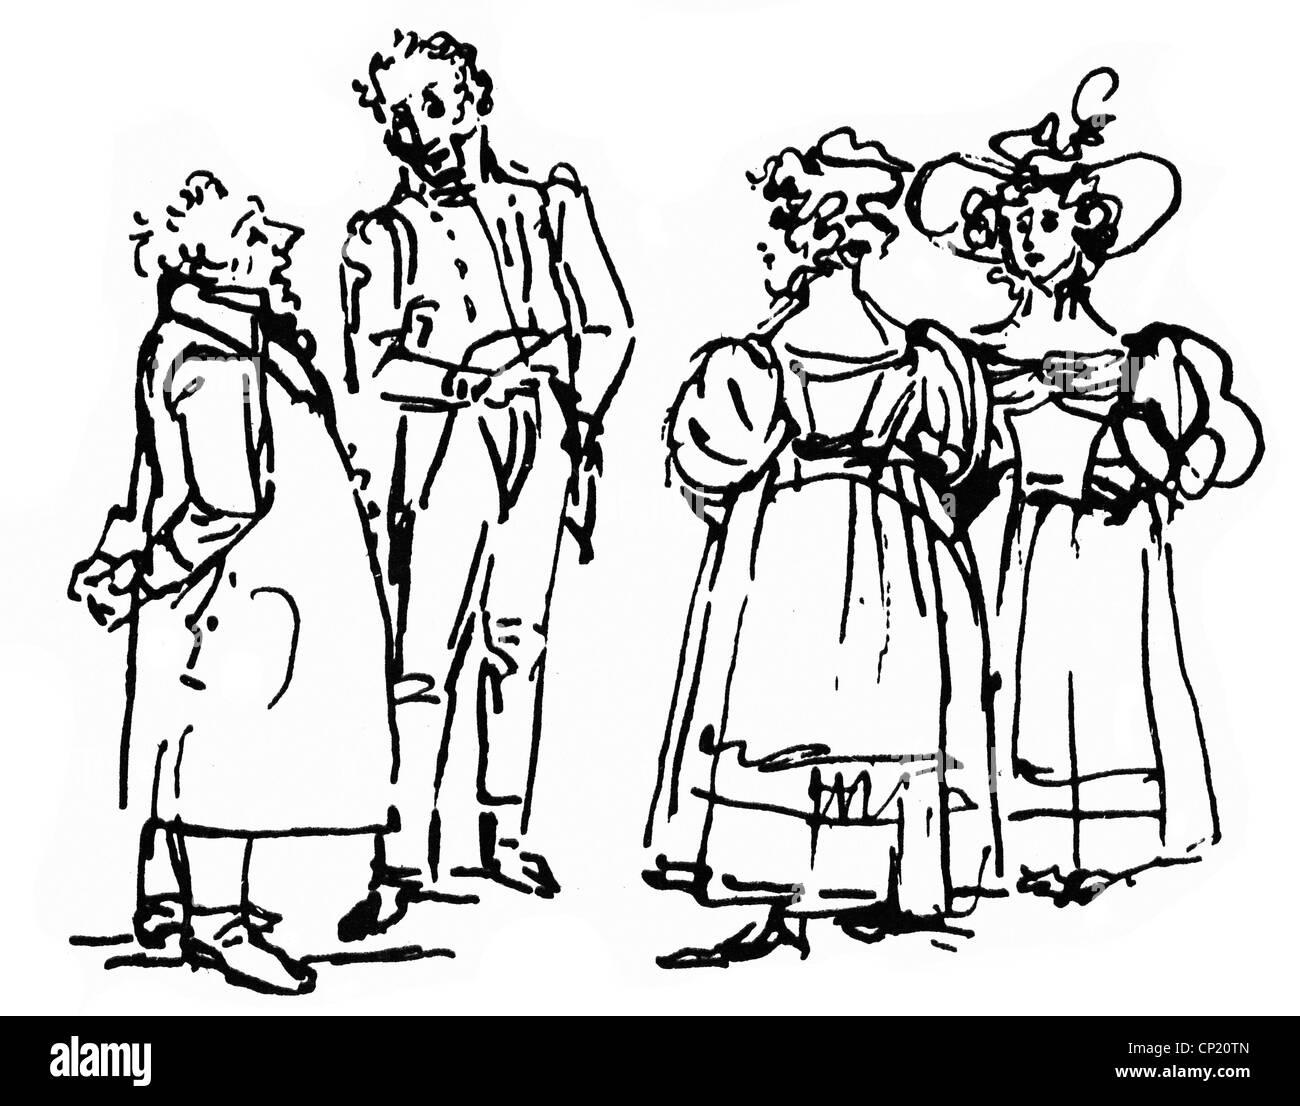 Schadow, Johann Gottfried, 20.5.1764 - 27.1.1850, sculpteur et graphiste allemand, œuvres, exposition d'art, gravure, dessin, vers 1835, Banque D'Images